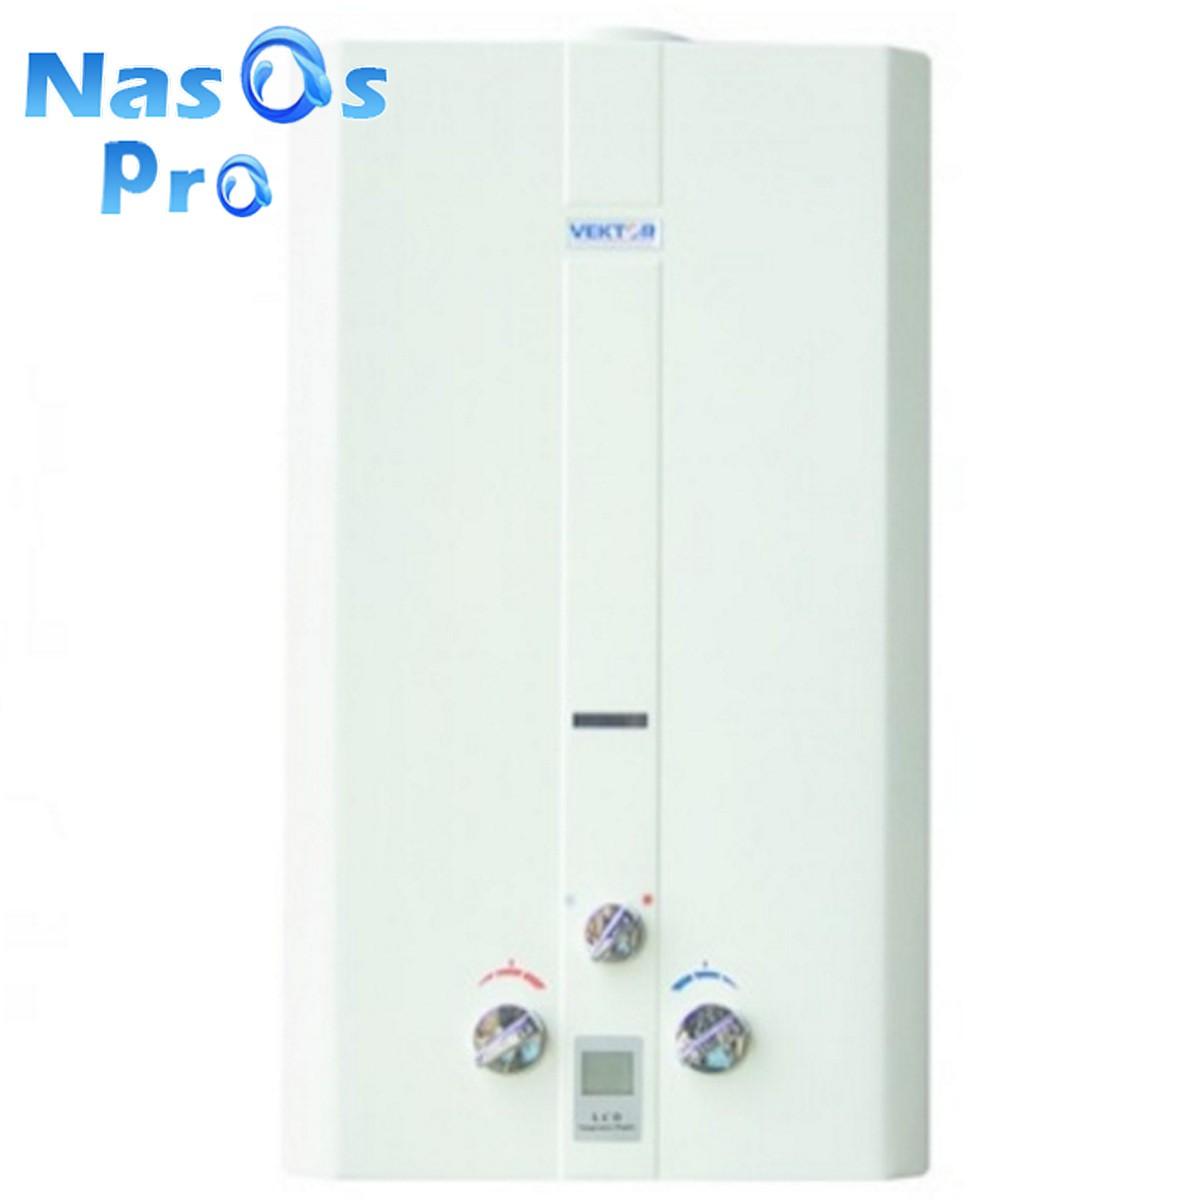 Вектор газовые проточные водонагреватели ремонт своими руками